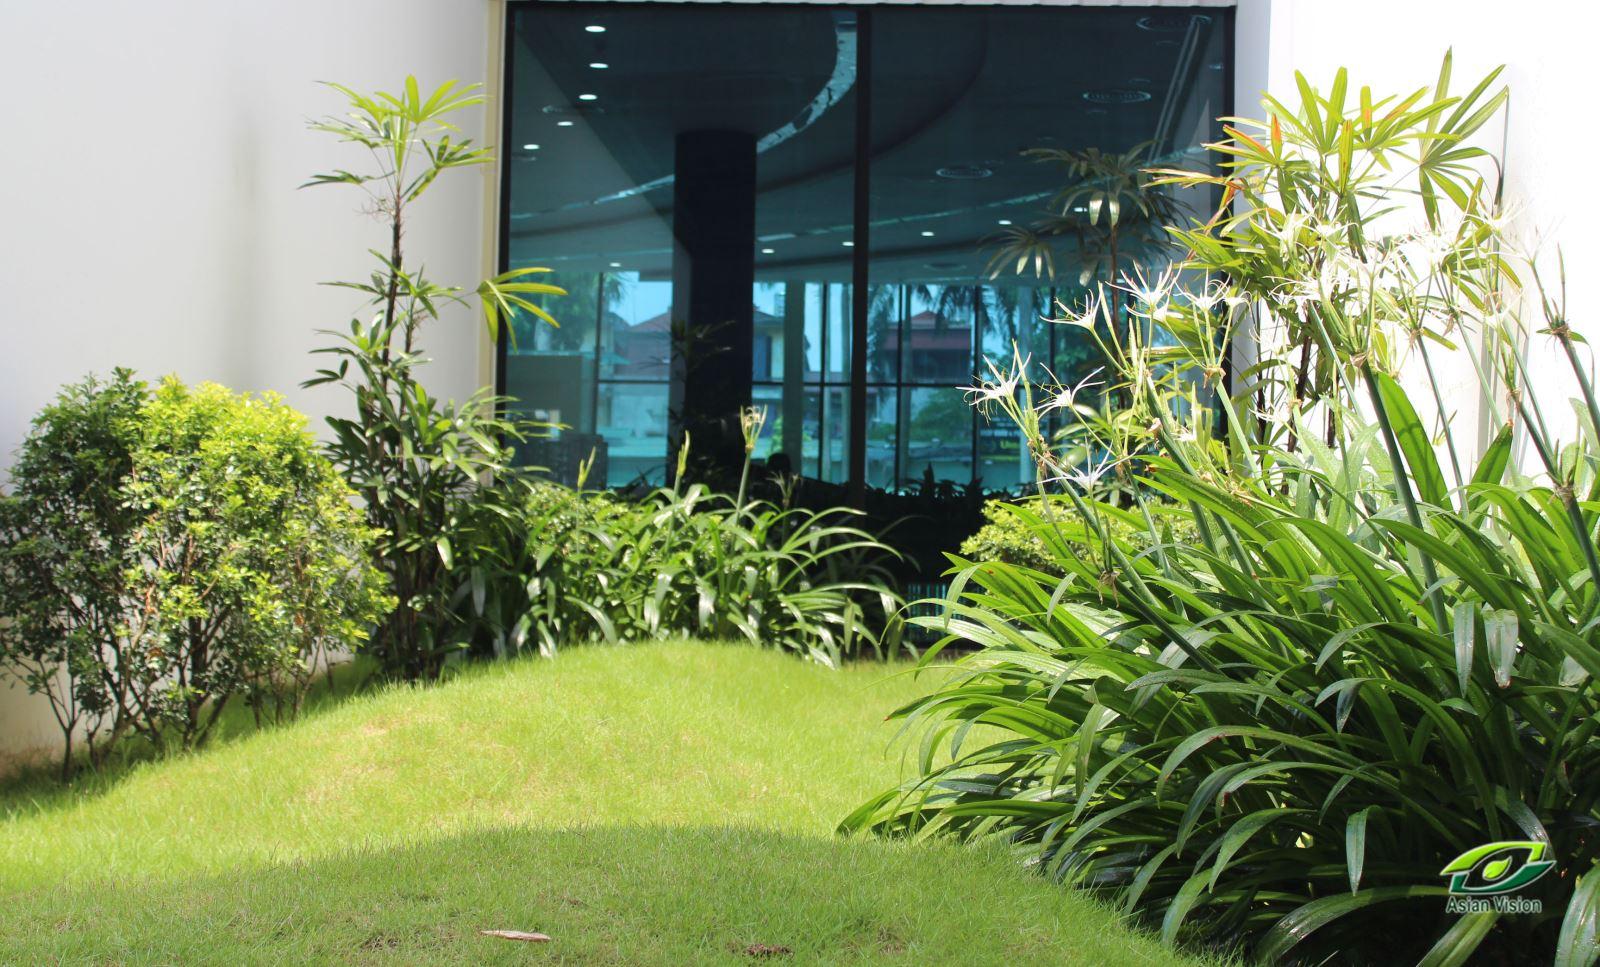 Chăm sóc duy trì cảnh quan nhà mẫu tại dự án Imperia Garden